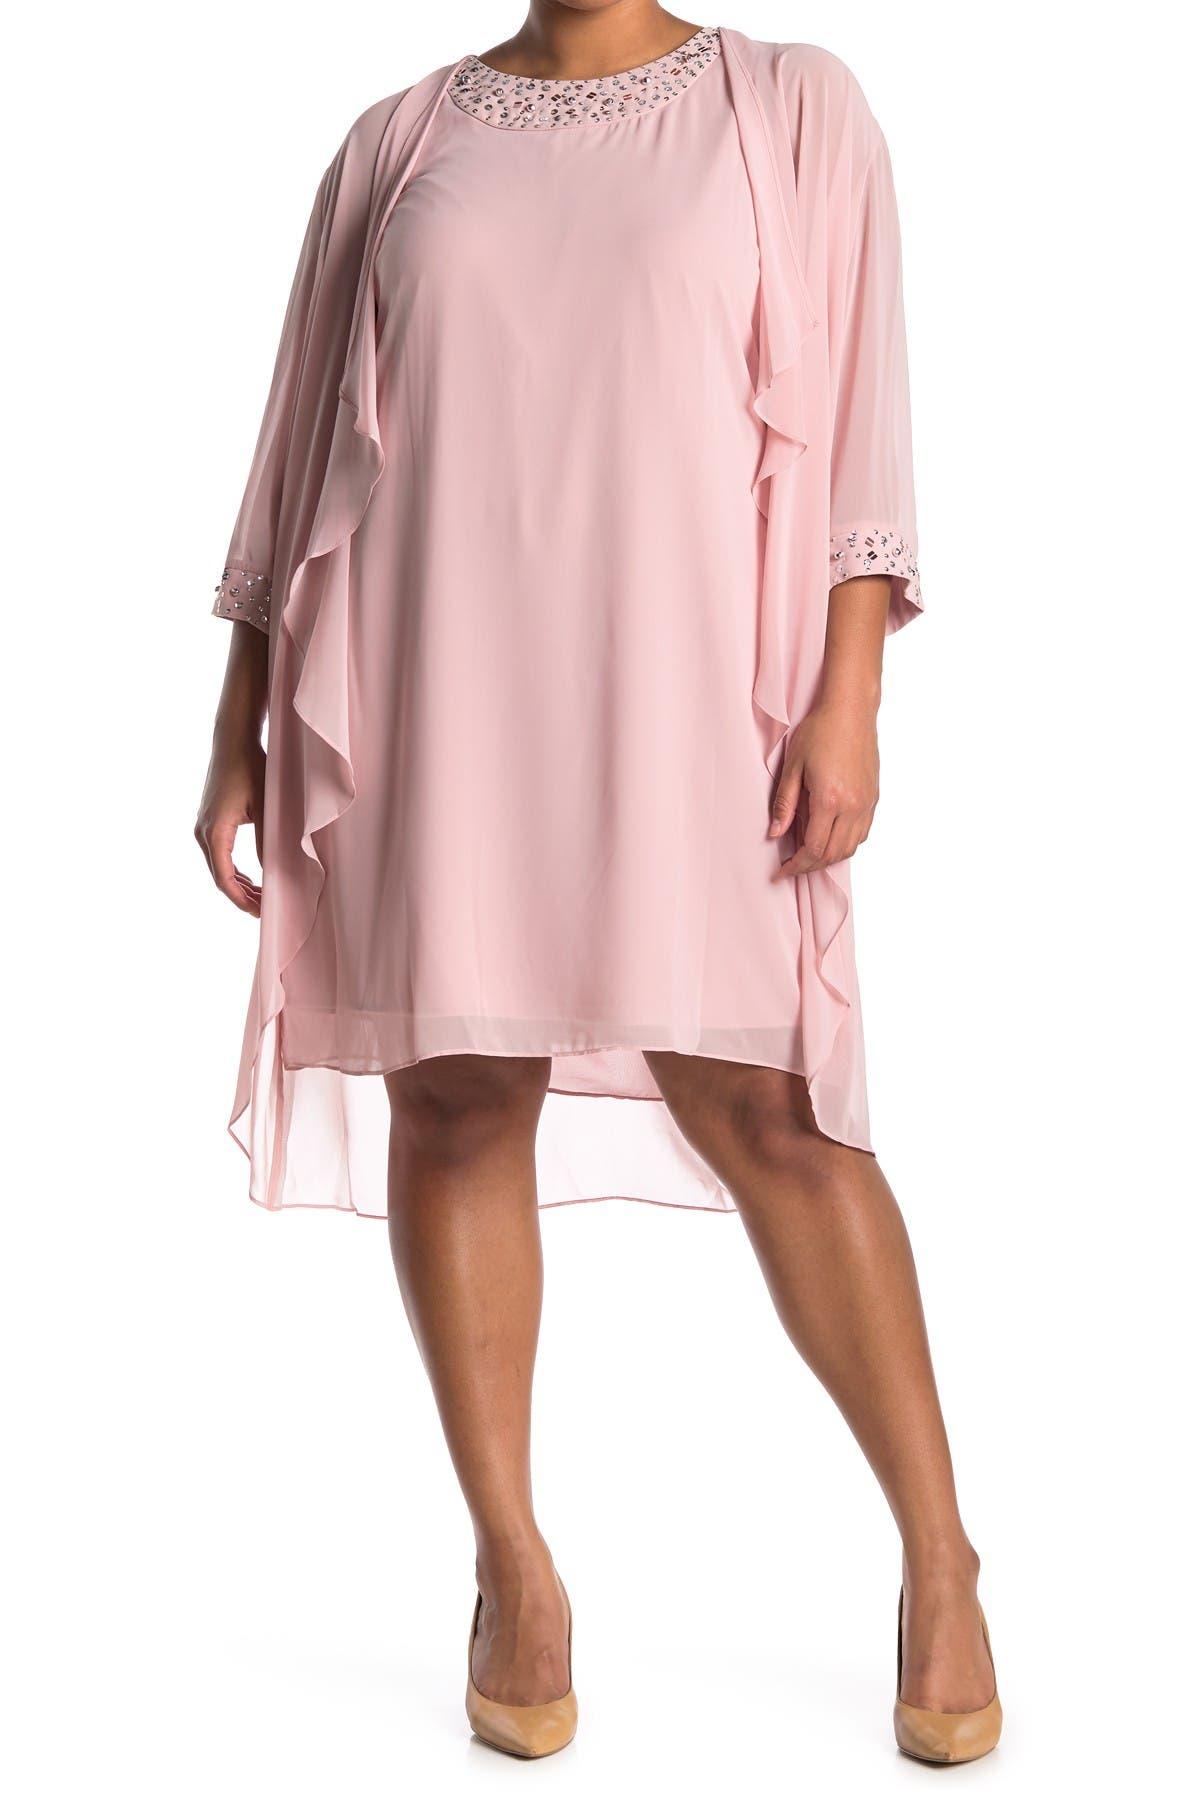 Image of SLNY Embellished Cascade Overlay Dress